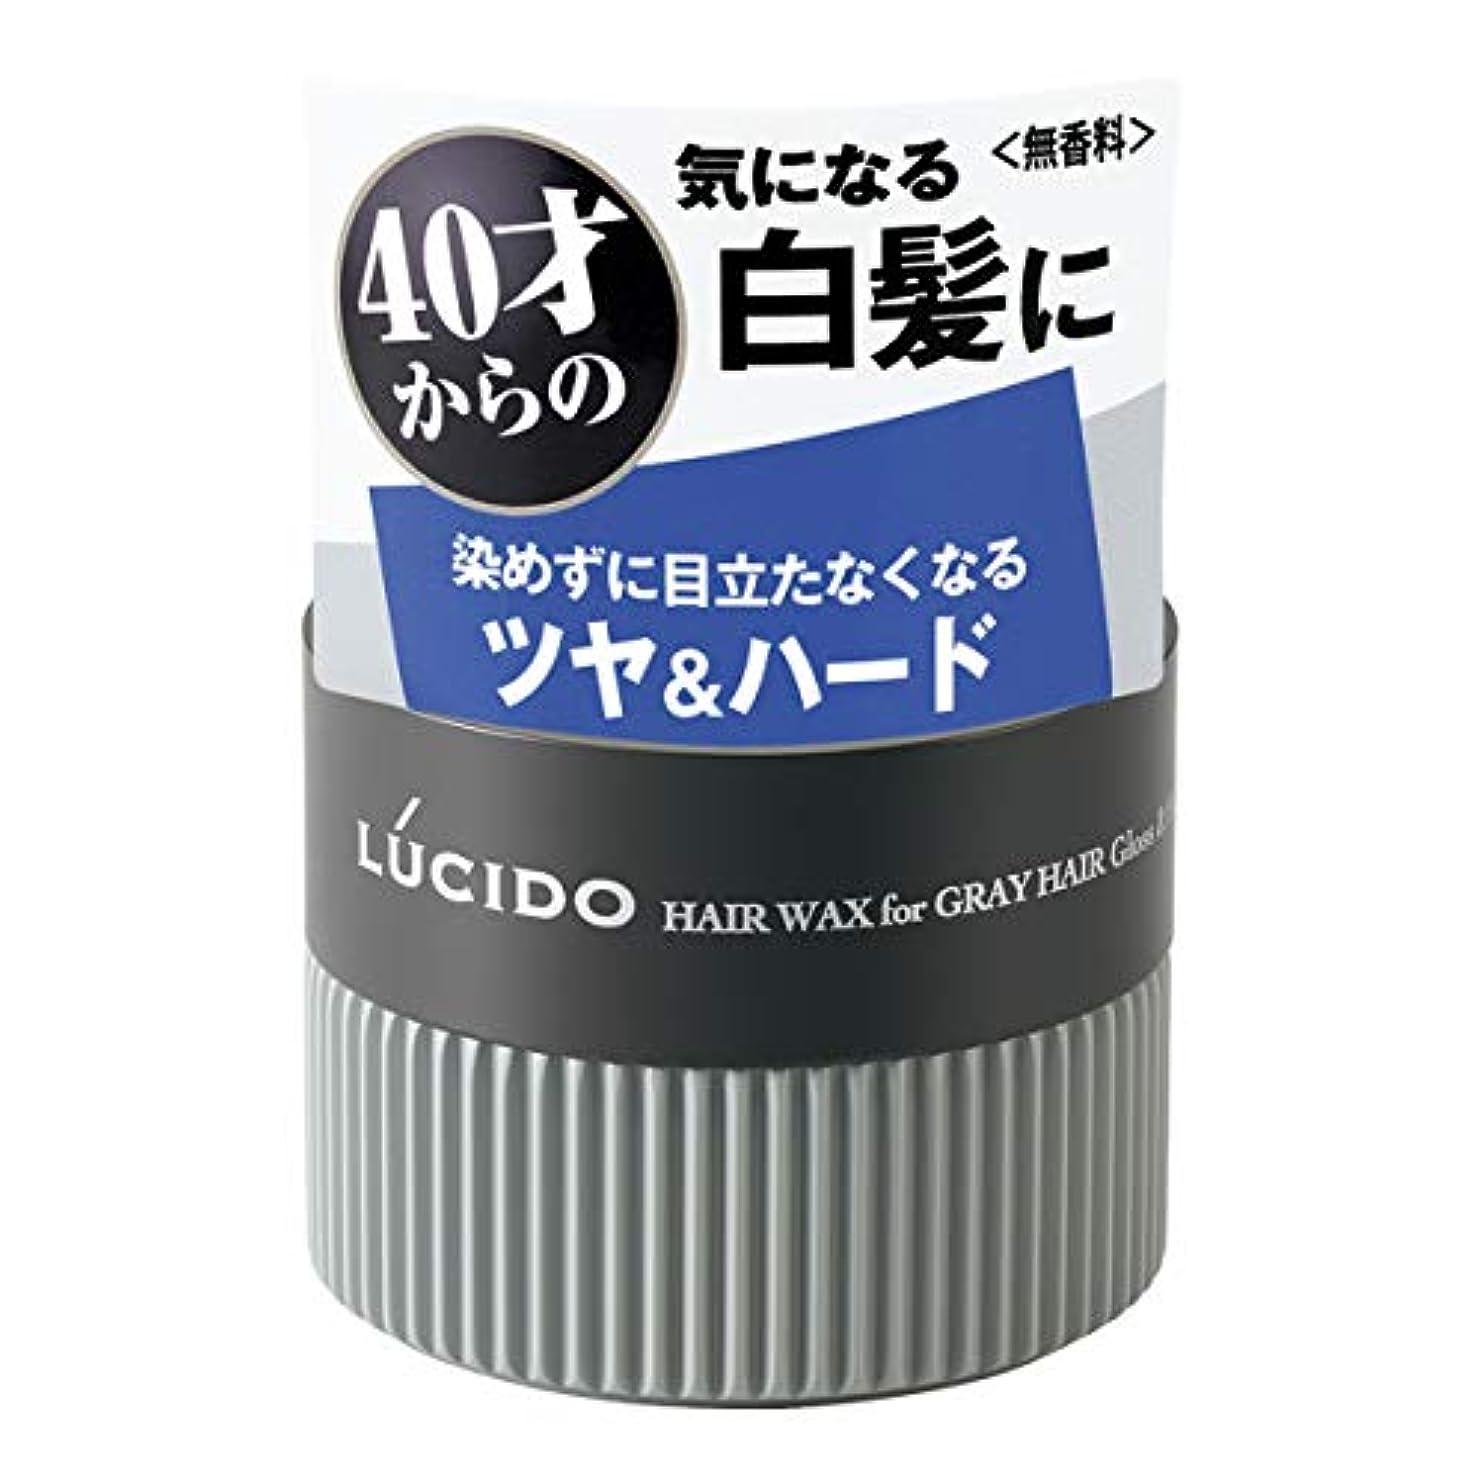 おかしい真面目な偽装するLUCIDO(ルシード) ヘアワックス 白髪用ワックス グロス&ハード 80g